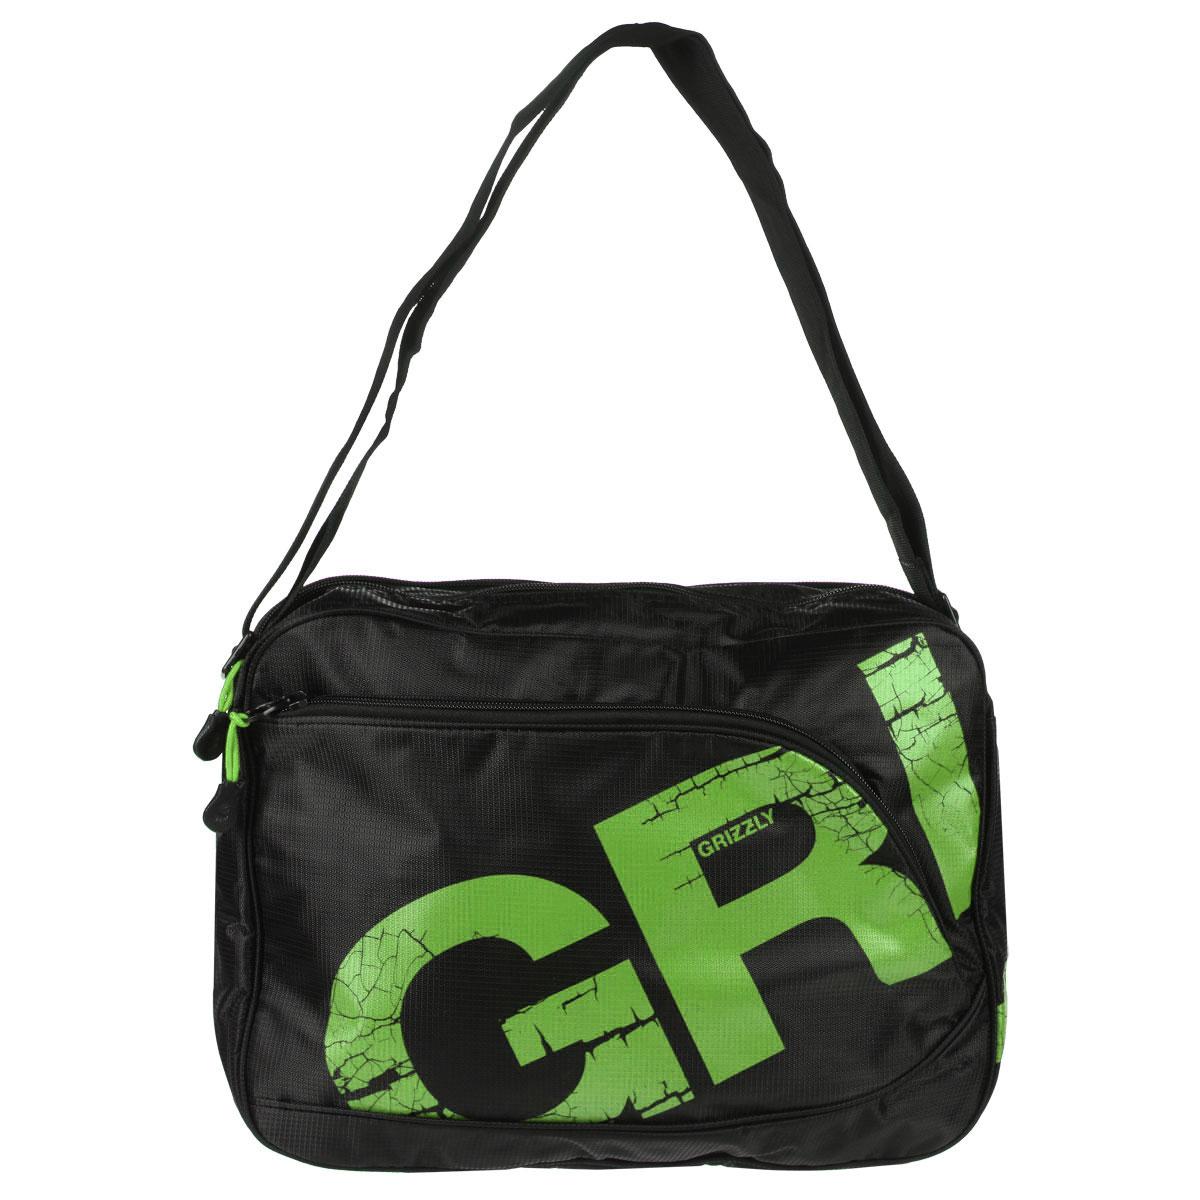 Grizzly Сумка школьная цвет черный салатовый MM-423-3ММ-423-3/3Молодежная сумка с двумя отделениями, застегивающимися на молнии. На сумке имеются множество карманов, на передней и задней стенках и внутри сумки. Имеется регулируемый ремень и ручка для переноски.